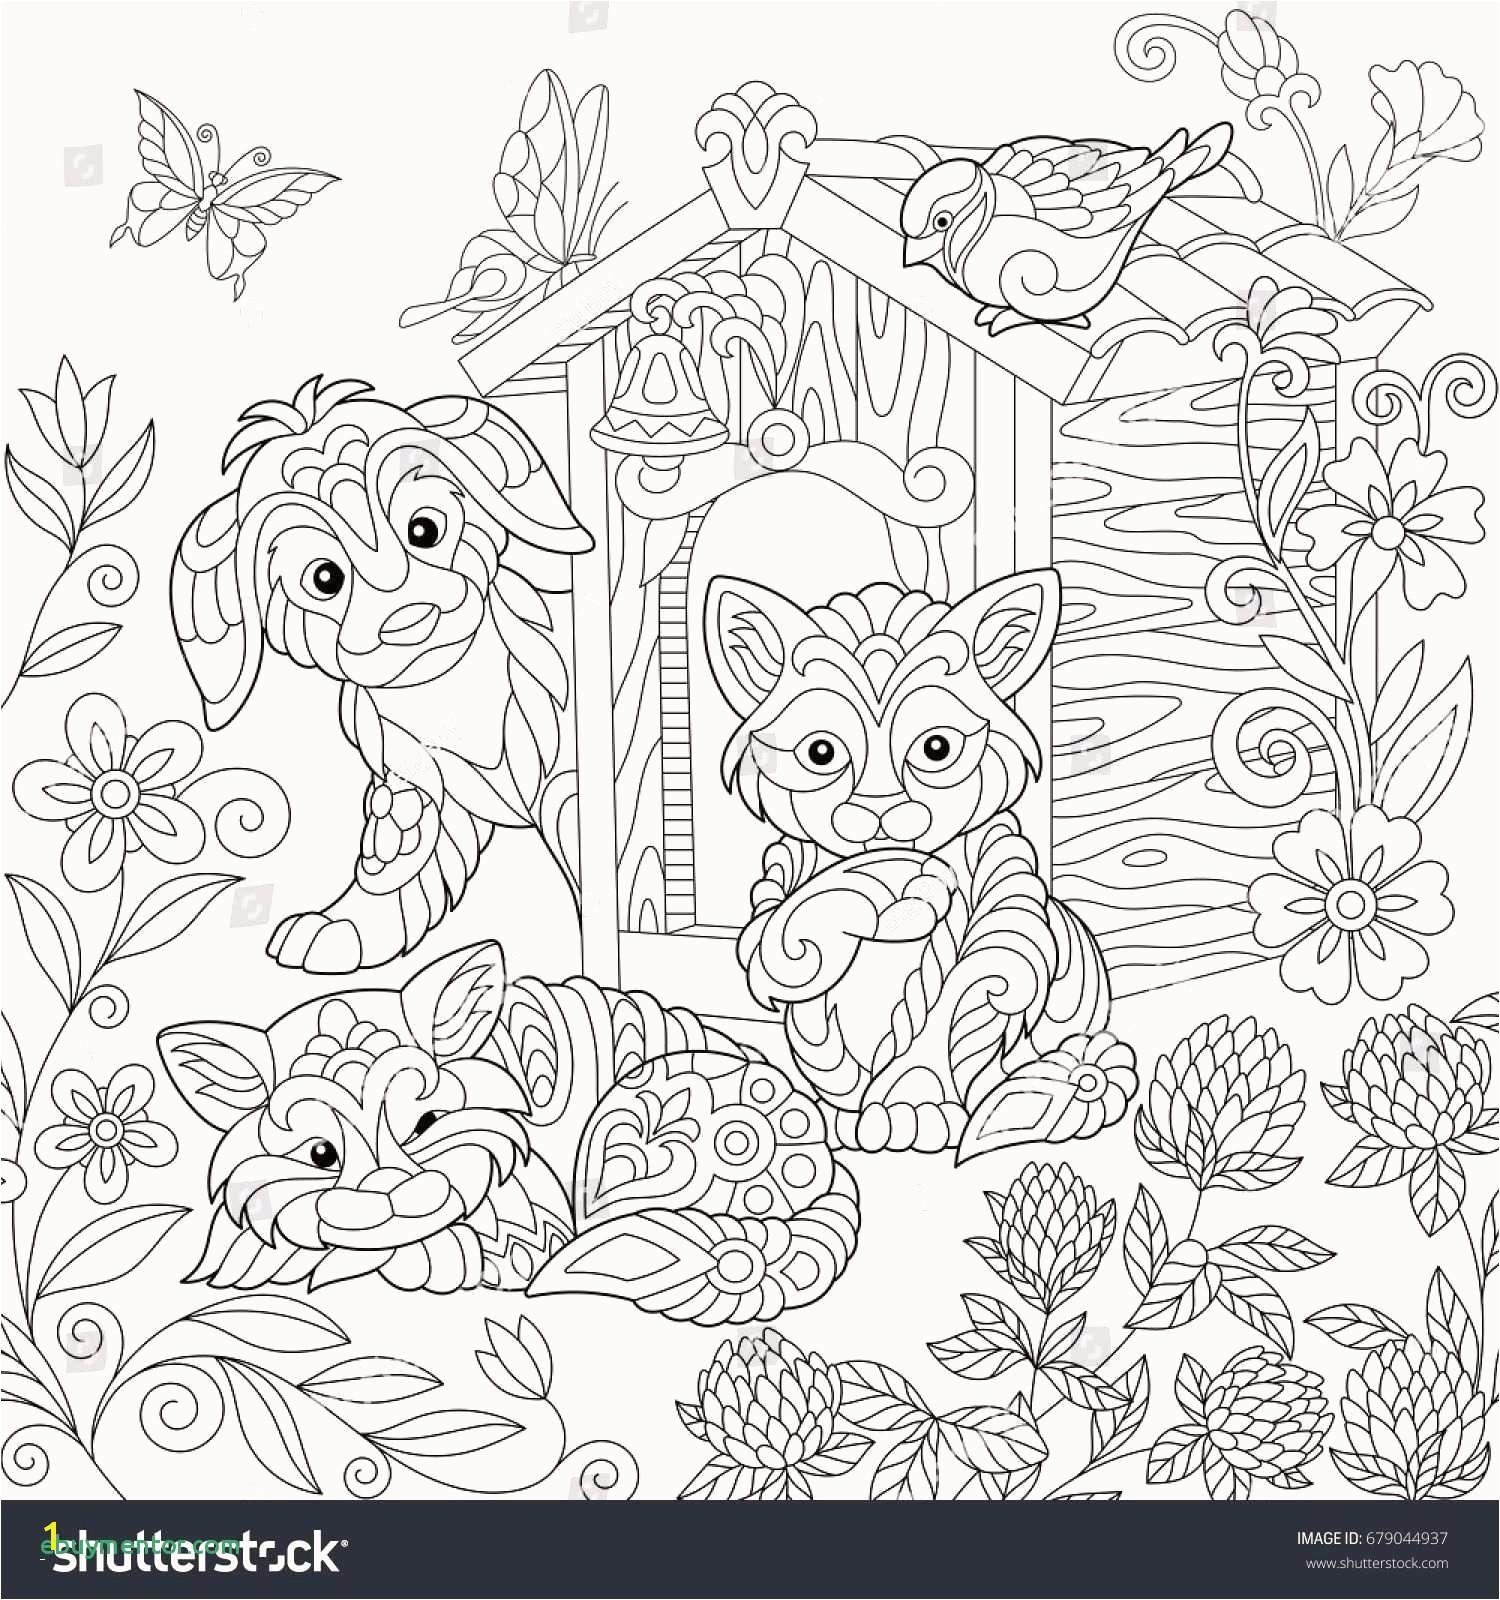 Styracosaurus Coloring Page Inspirational Styracosaurus Color by Number Coloring Page 1300—919 – Fun Time